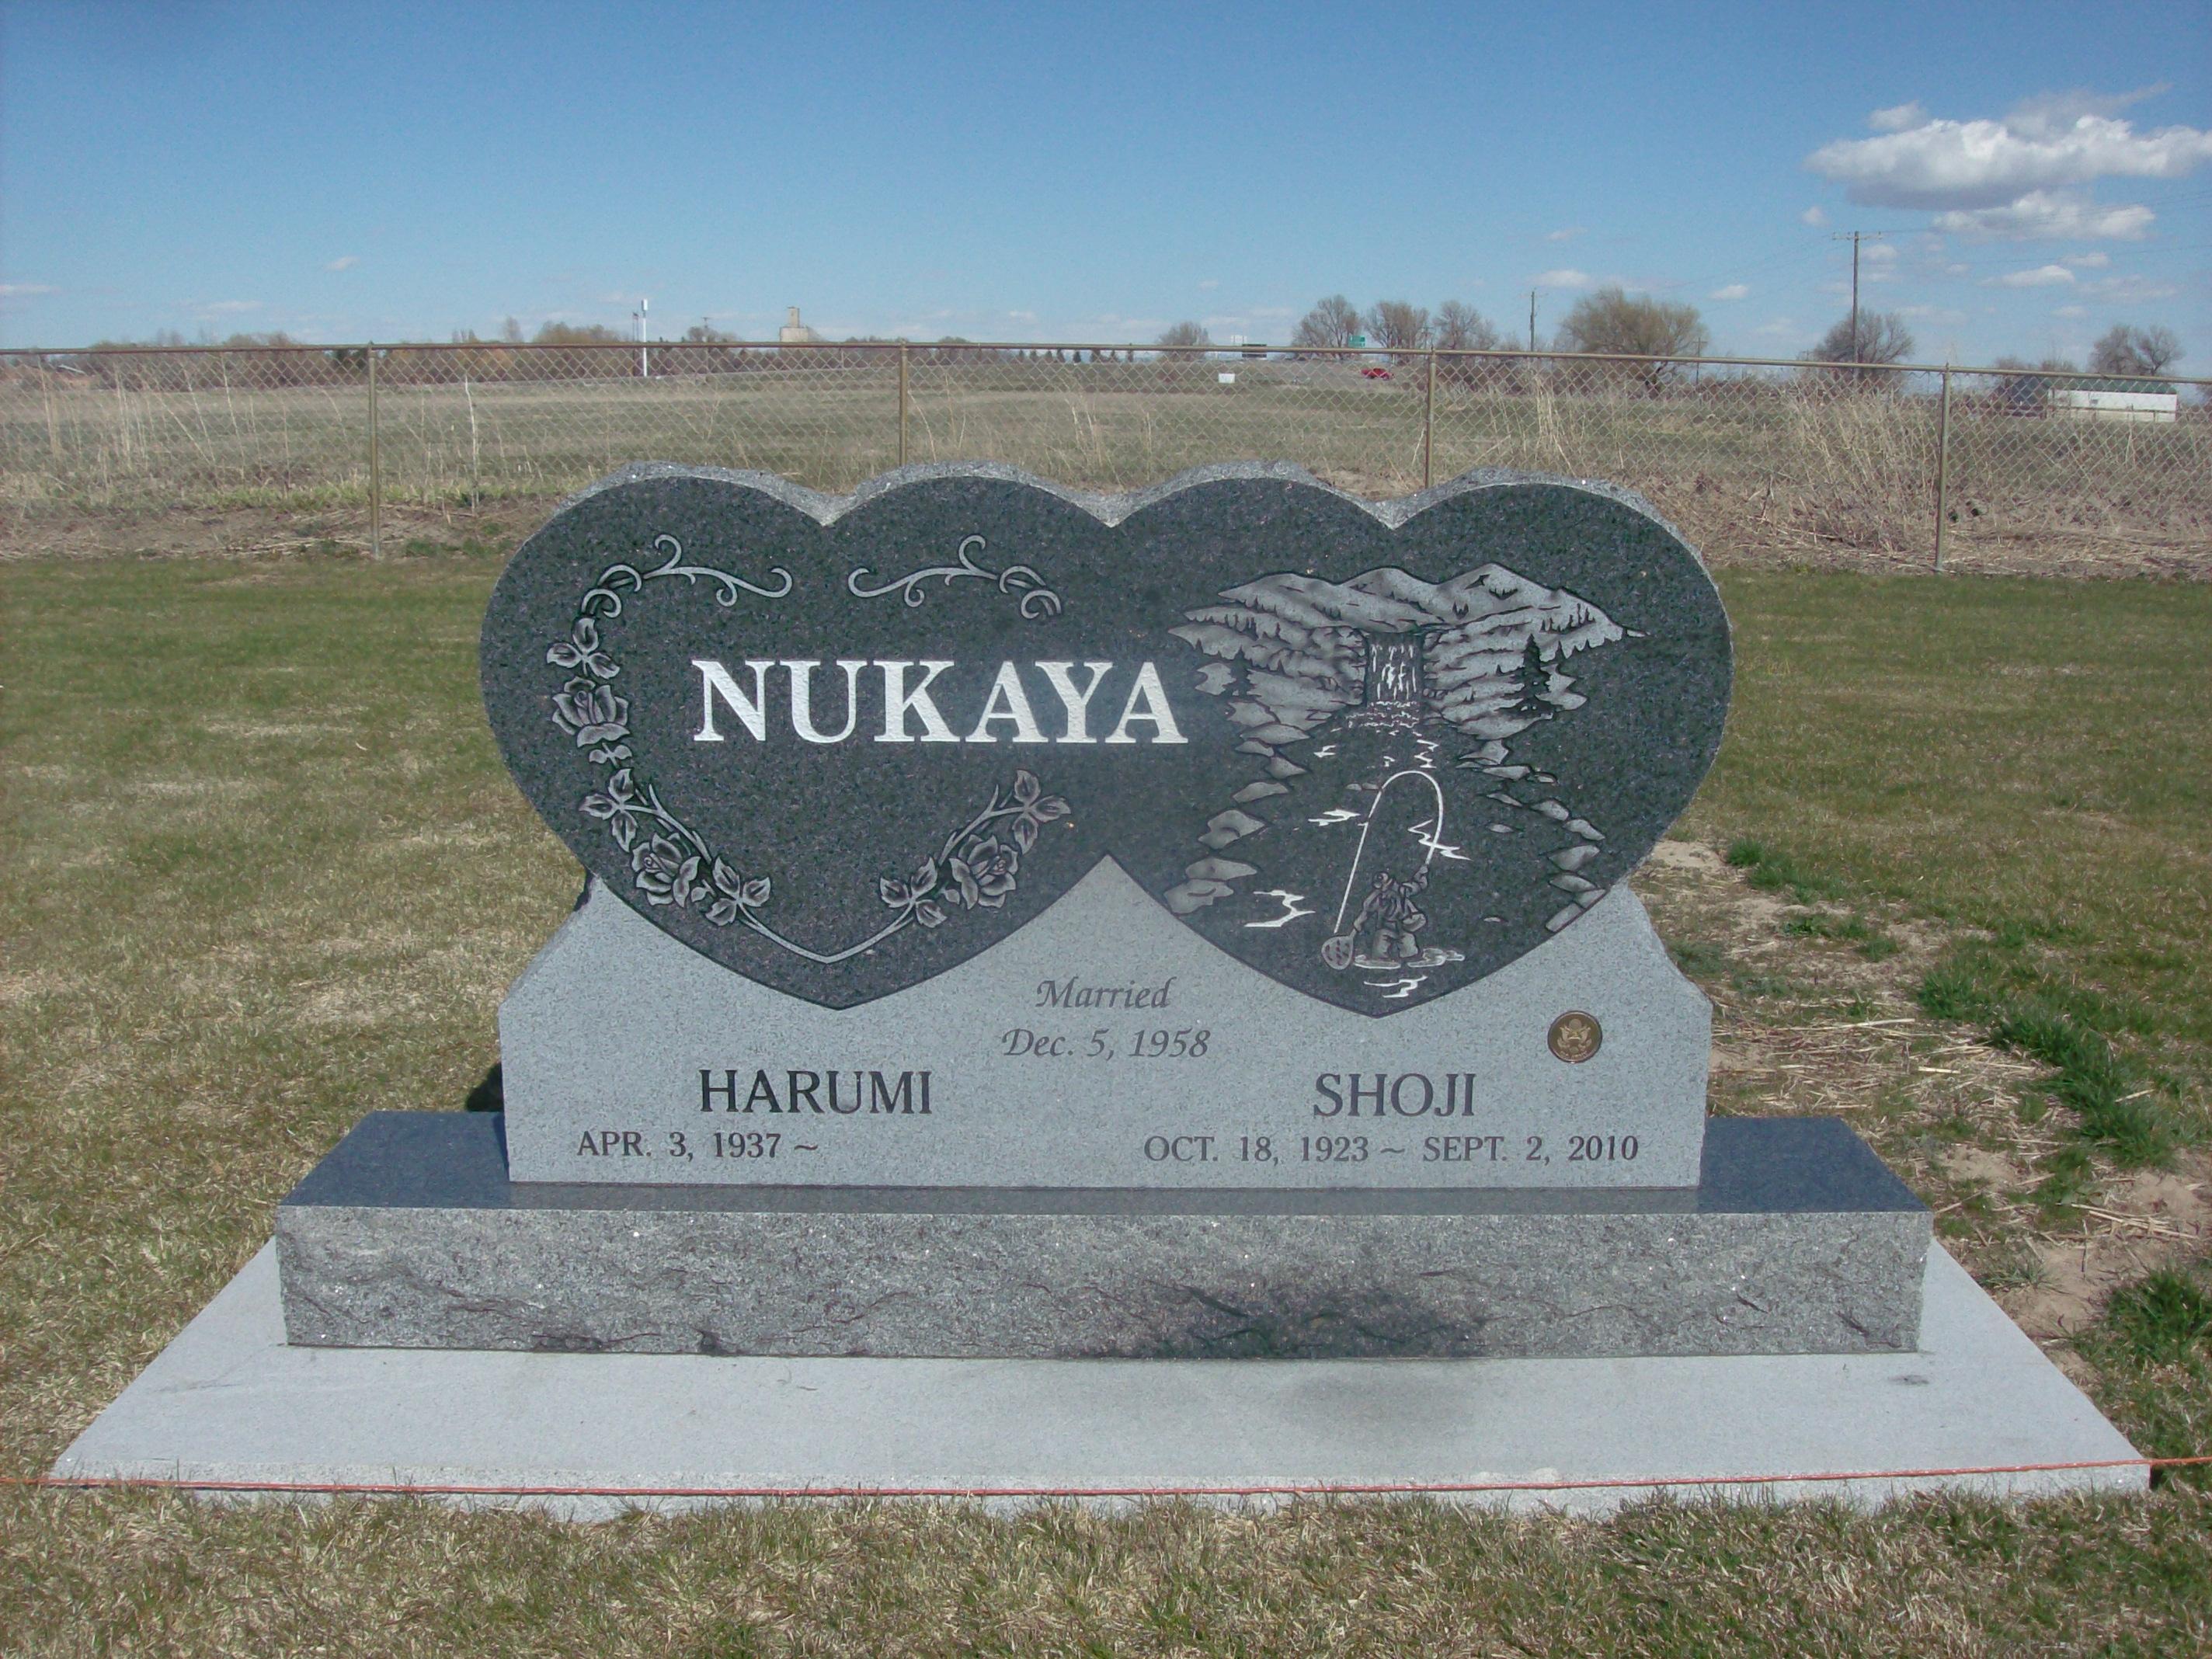 Nukaya